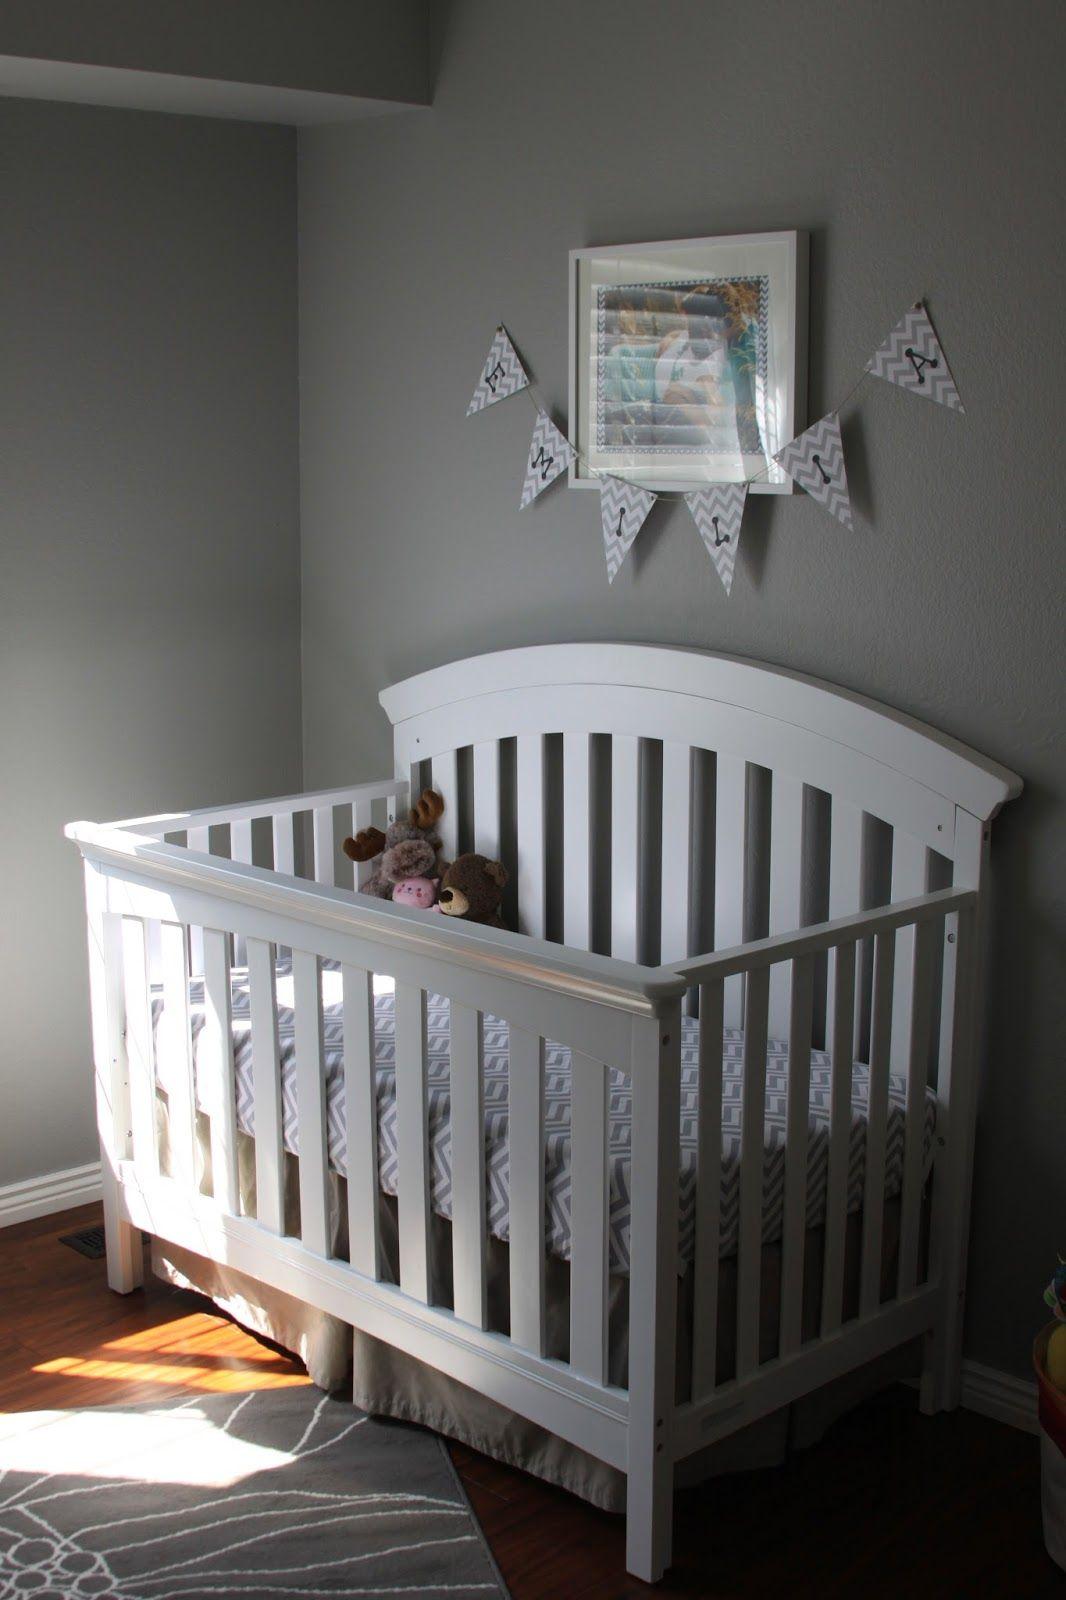 Emilia's Nursery Tour (With images) Paint colors, House